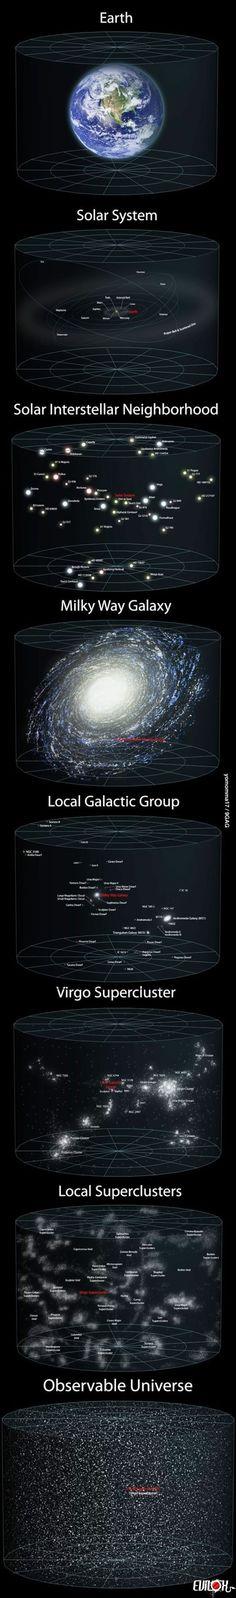 La Terre dans l'Univers < Photos - Images Ludiques